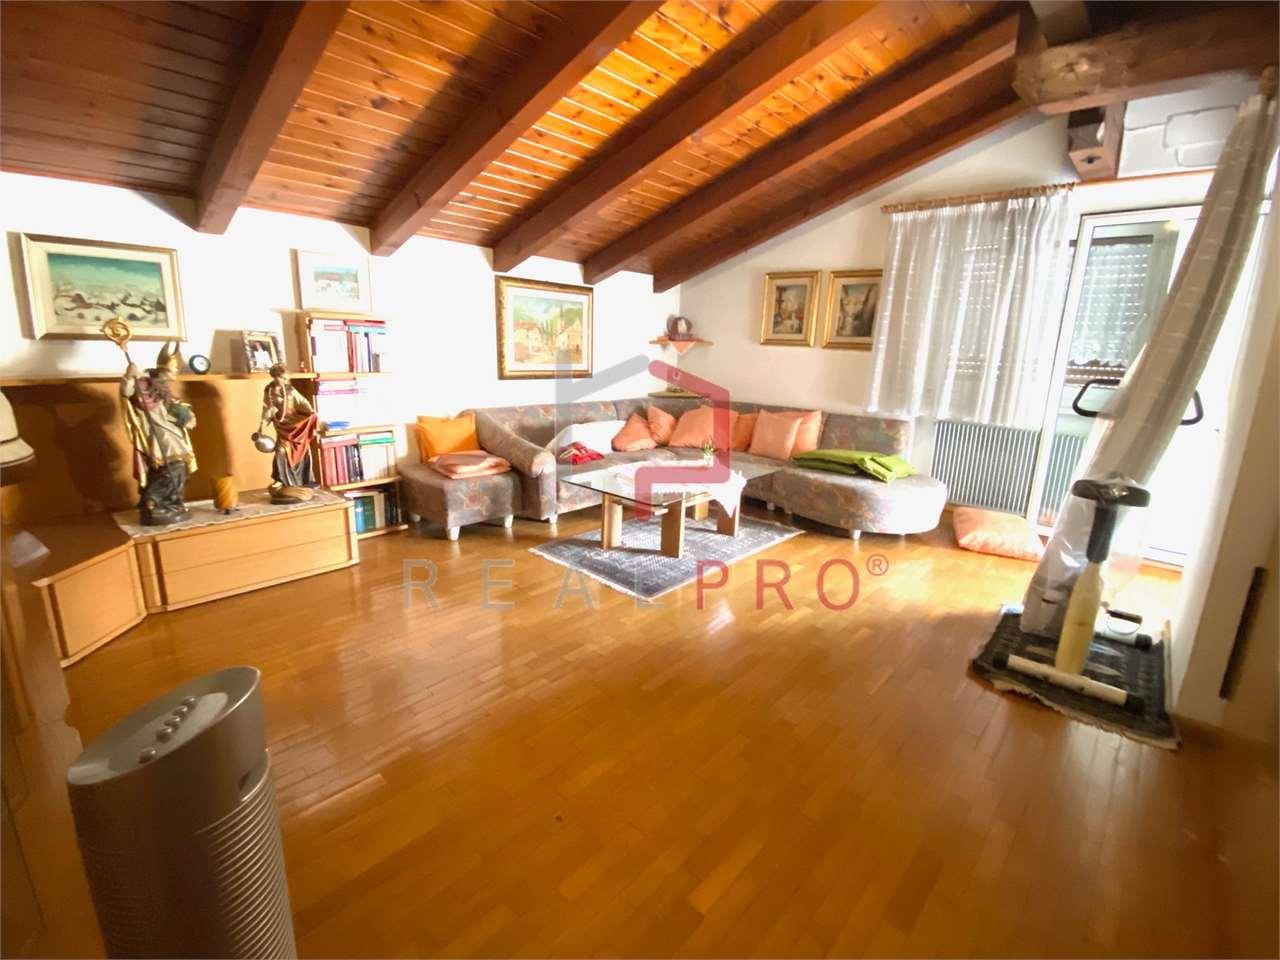 Appartamento in vendita a Bronzolo, 4 locali, zona Località: Bronzolo Laives San Giacomo Pineta Vadena, prezzo € 350.000 | CambioCasa.it